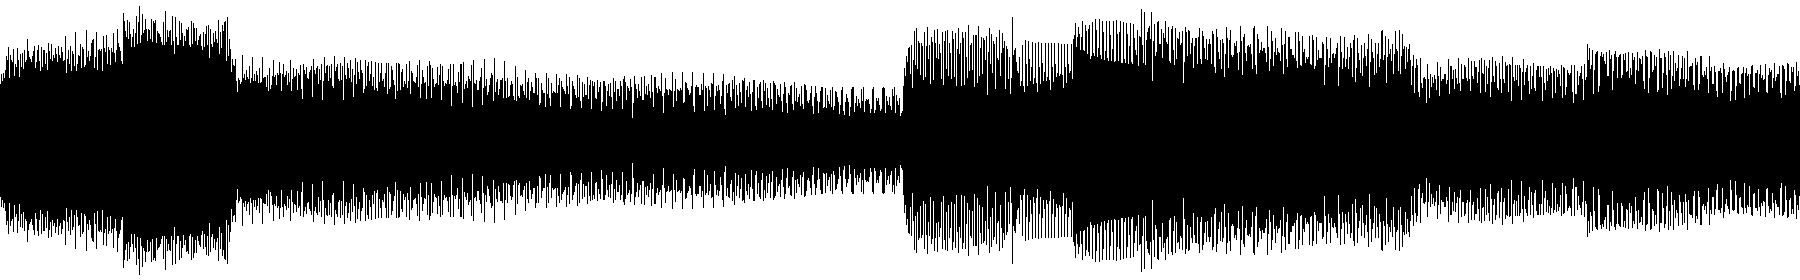 90 c ep memyride